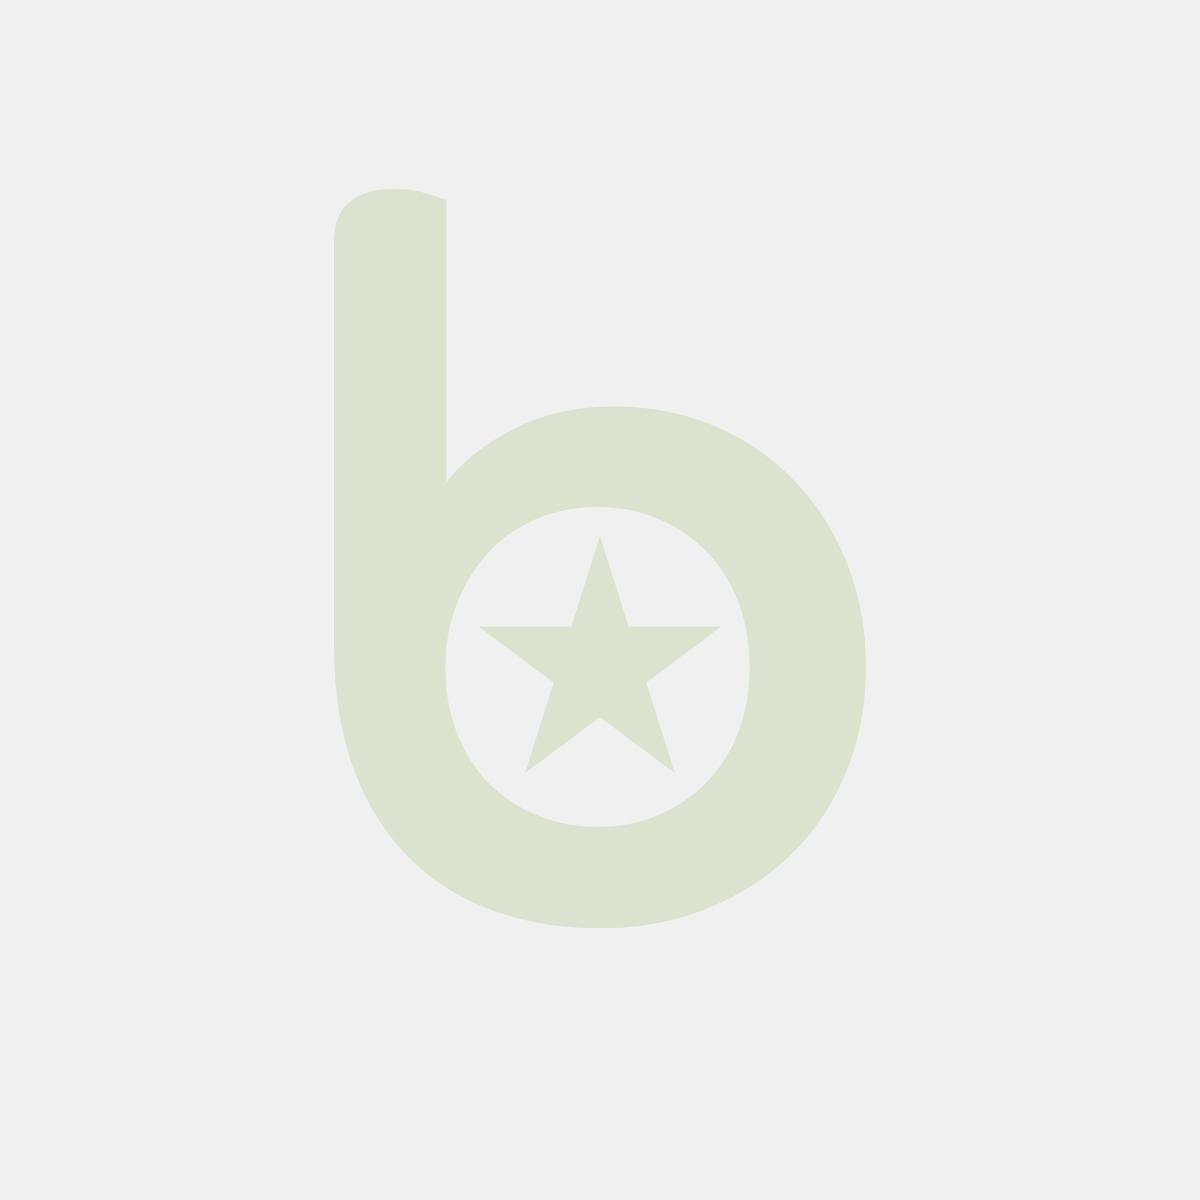 FINGERFOOD - pucharek MINI transparent SABERT wyższy bok 4,5 x 4,5 x 7,5 cm op. 20 sztuk